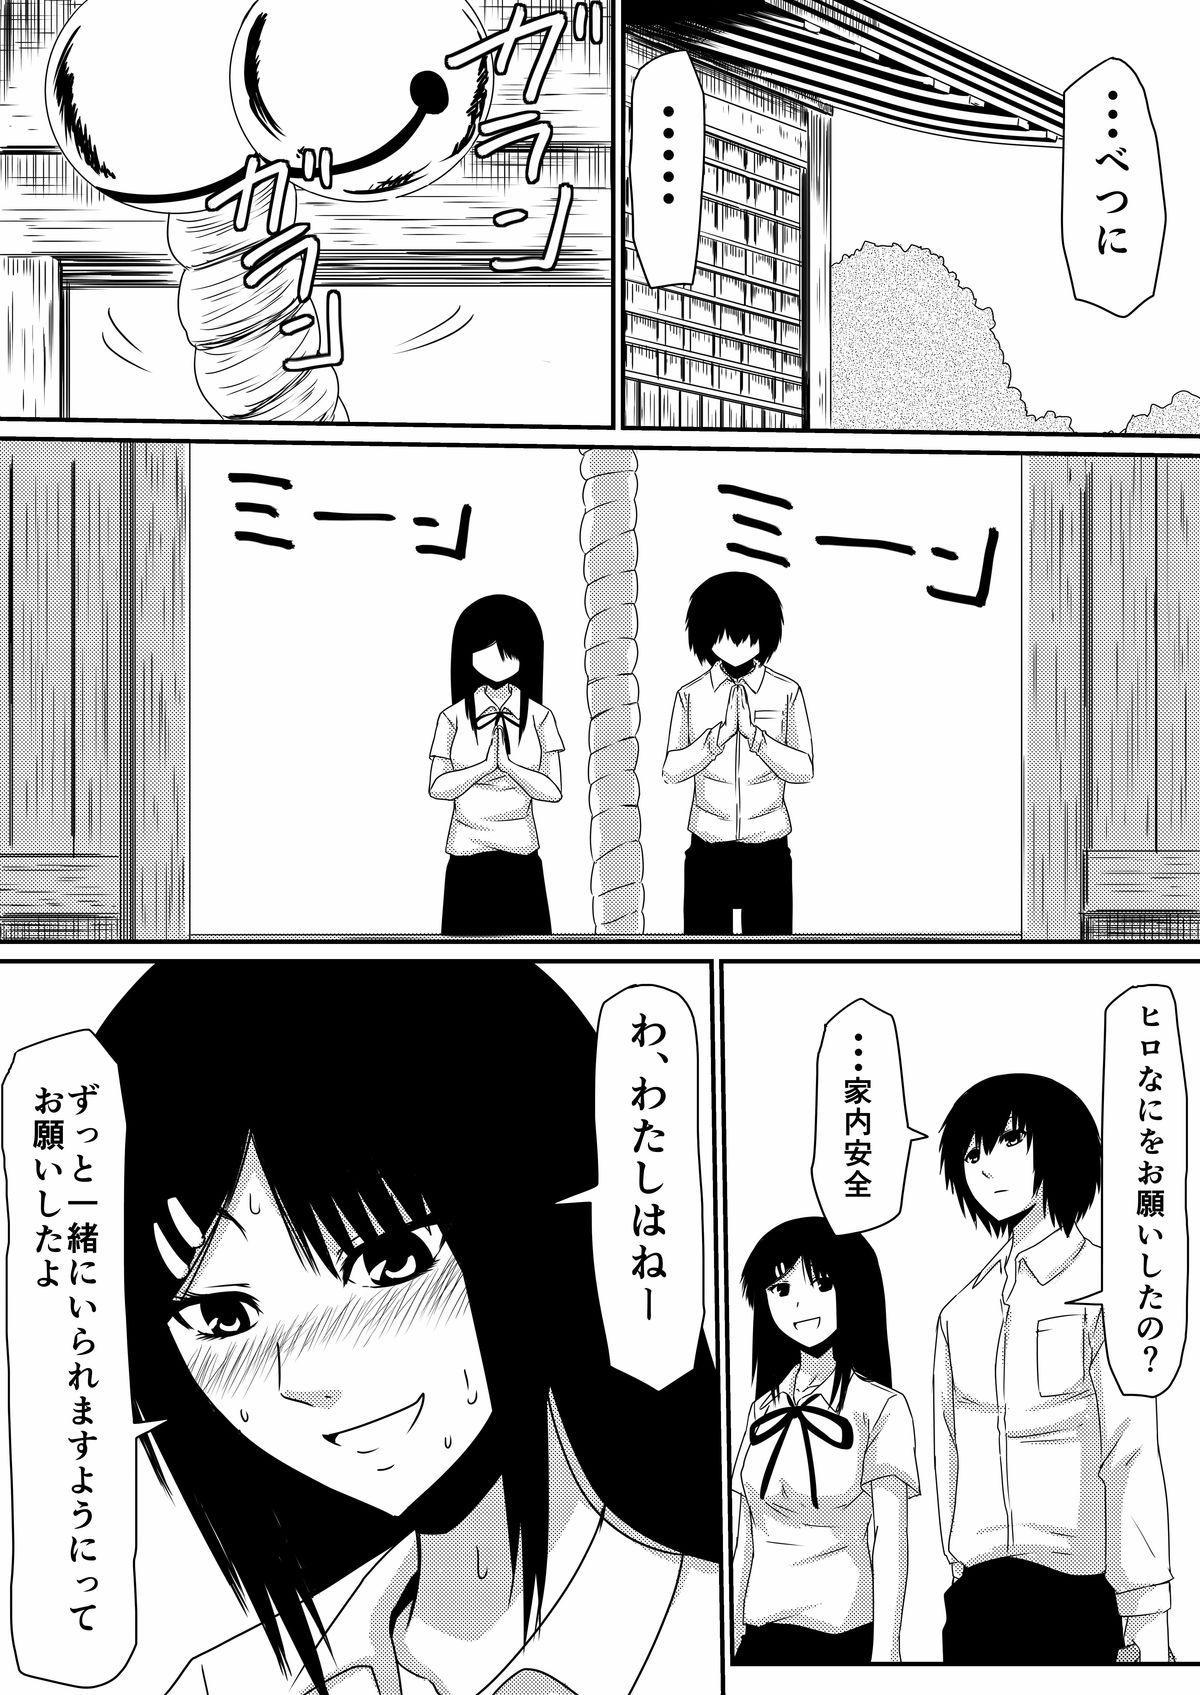 [Mikezoutei] Mashou no Chinko o Motsu Shounen ~Kare no Dankon wa Josei o Mesu e to Kaeru~ Zenpen 49